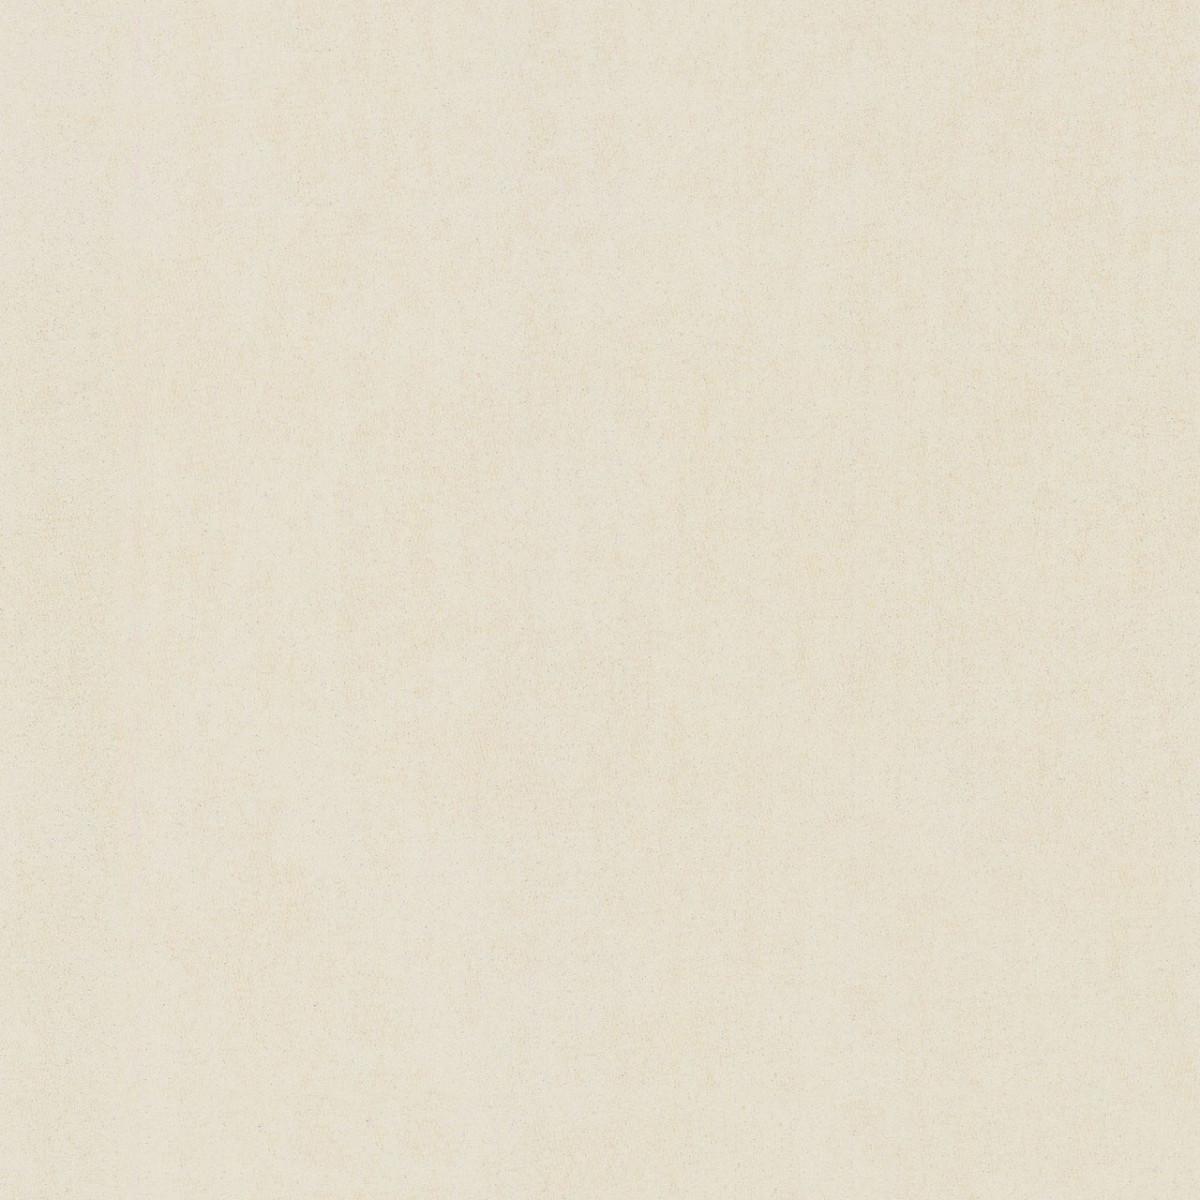 Обои флизелиновые Мир Авангард Verona серые 1.06 м МС-10202